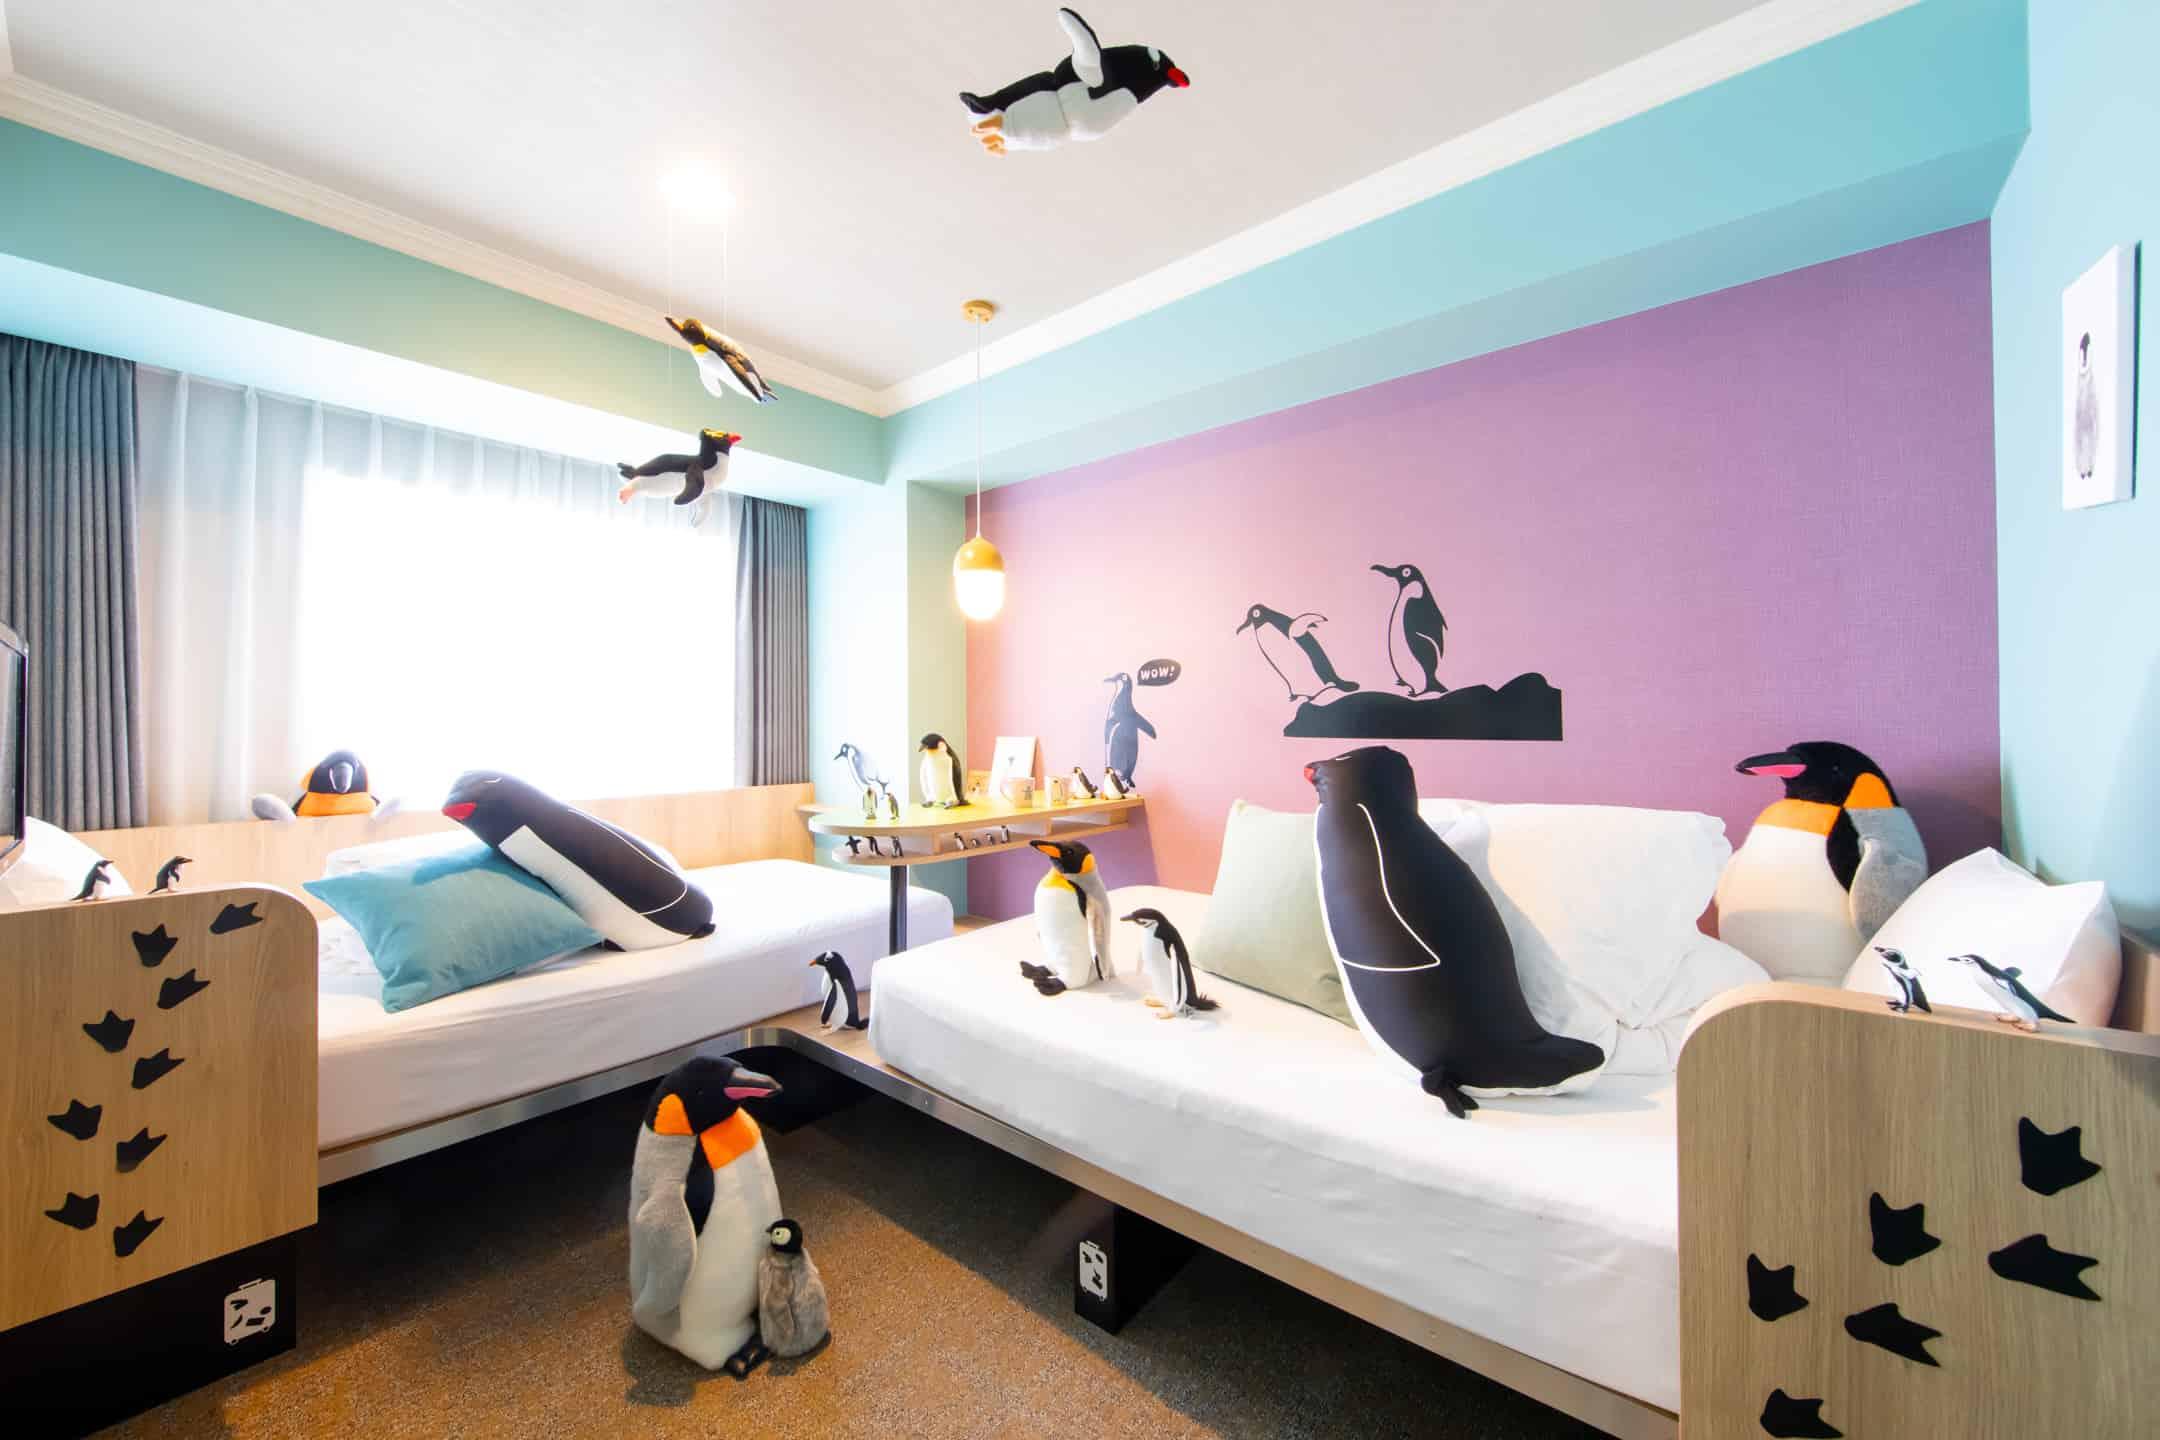 「星野リゾート OMO7(おもせぶん)旭川」「ペンギンルーム」  (4)